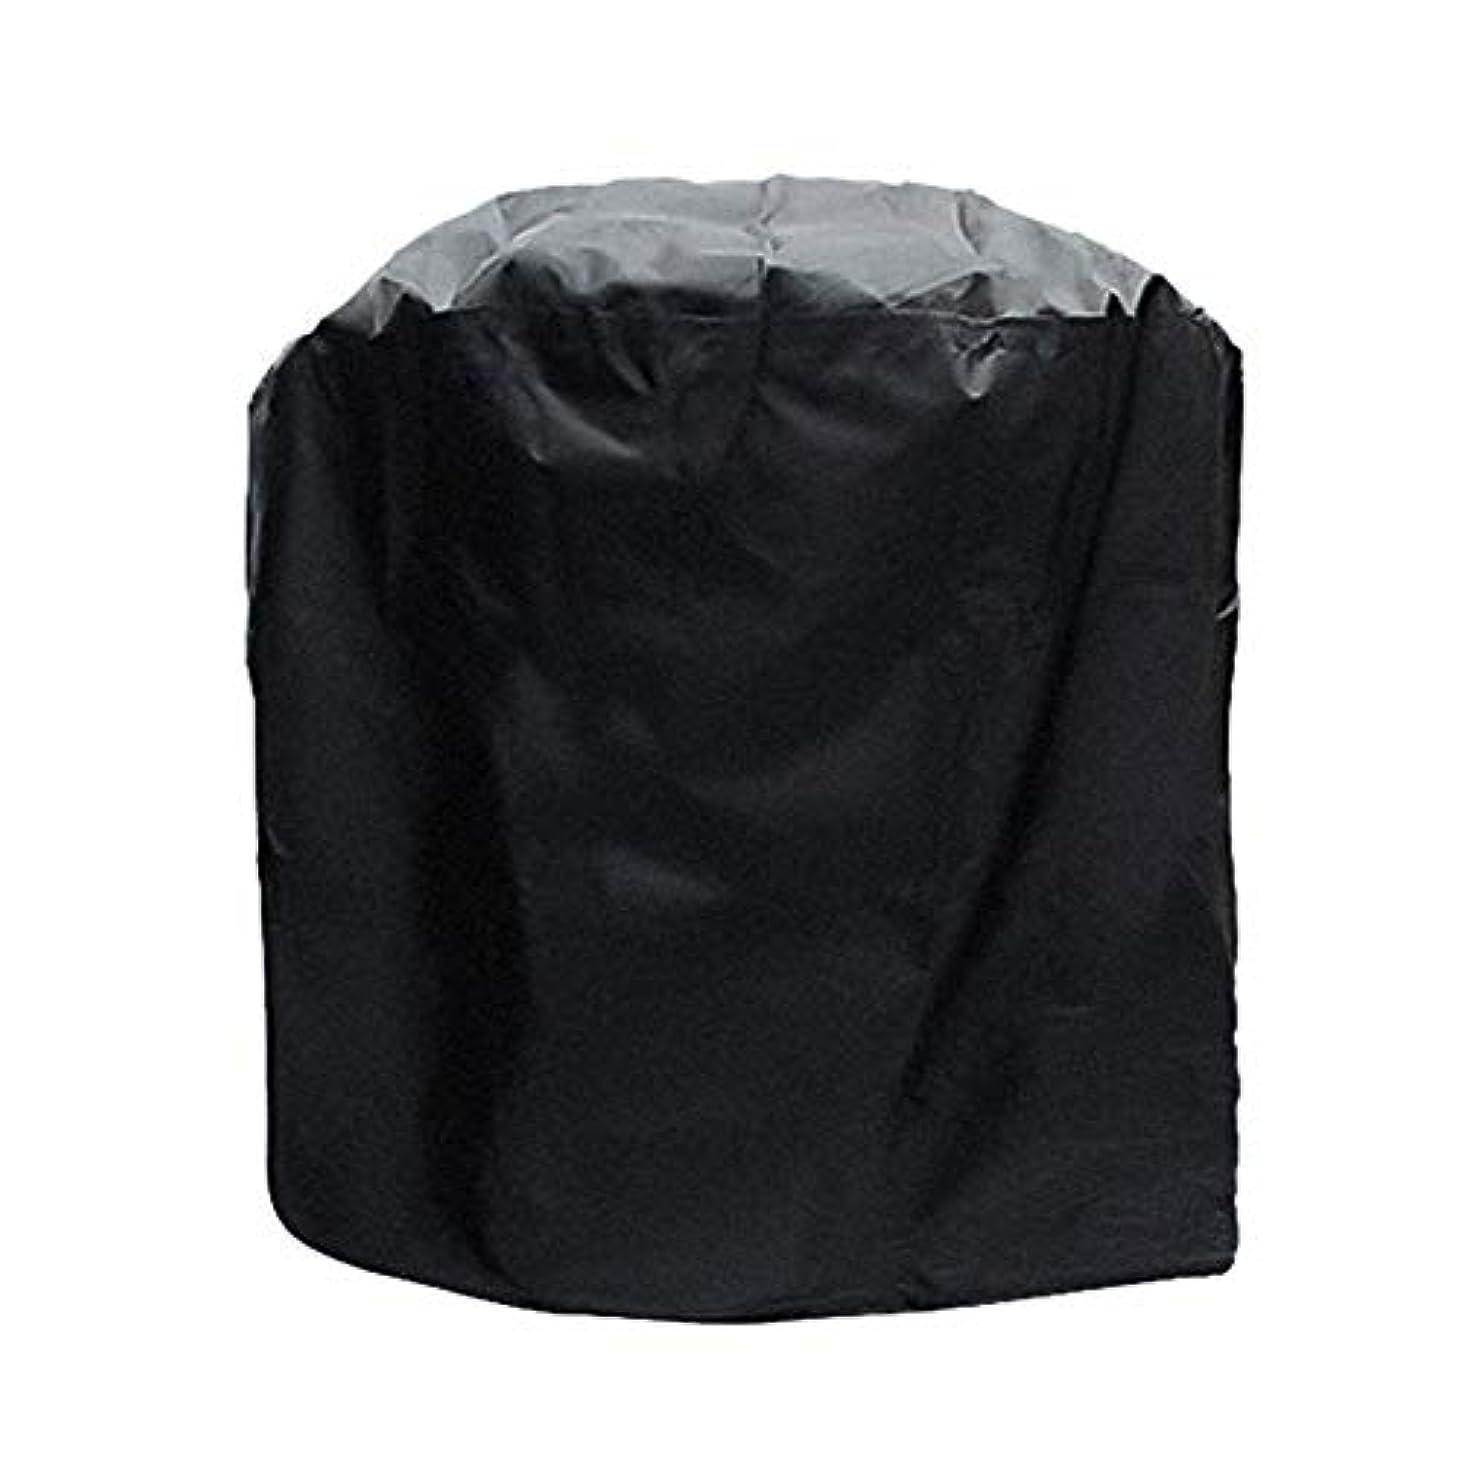 メタリックイデオロギーやるJJJJD ガーデン家具カバーオーブンセットブラック防水屋外グリルカバー防塵日焼け止め防水性防水シートオックスフォード布UV保護 (Size : Cylindrical -58x77cm)